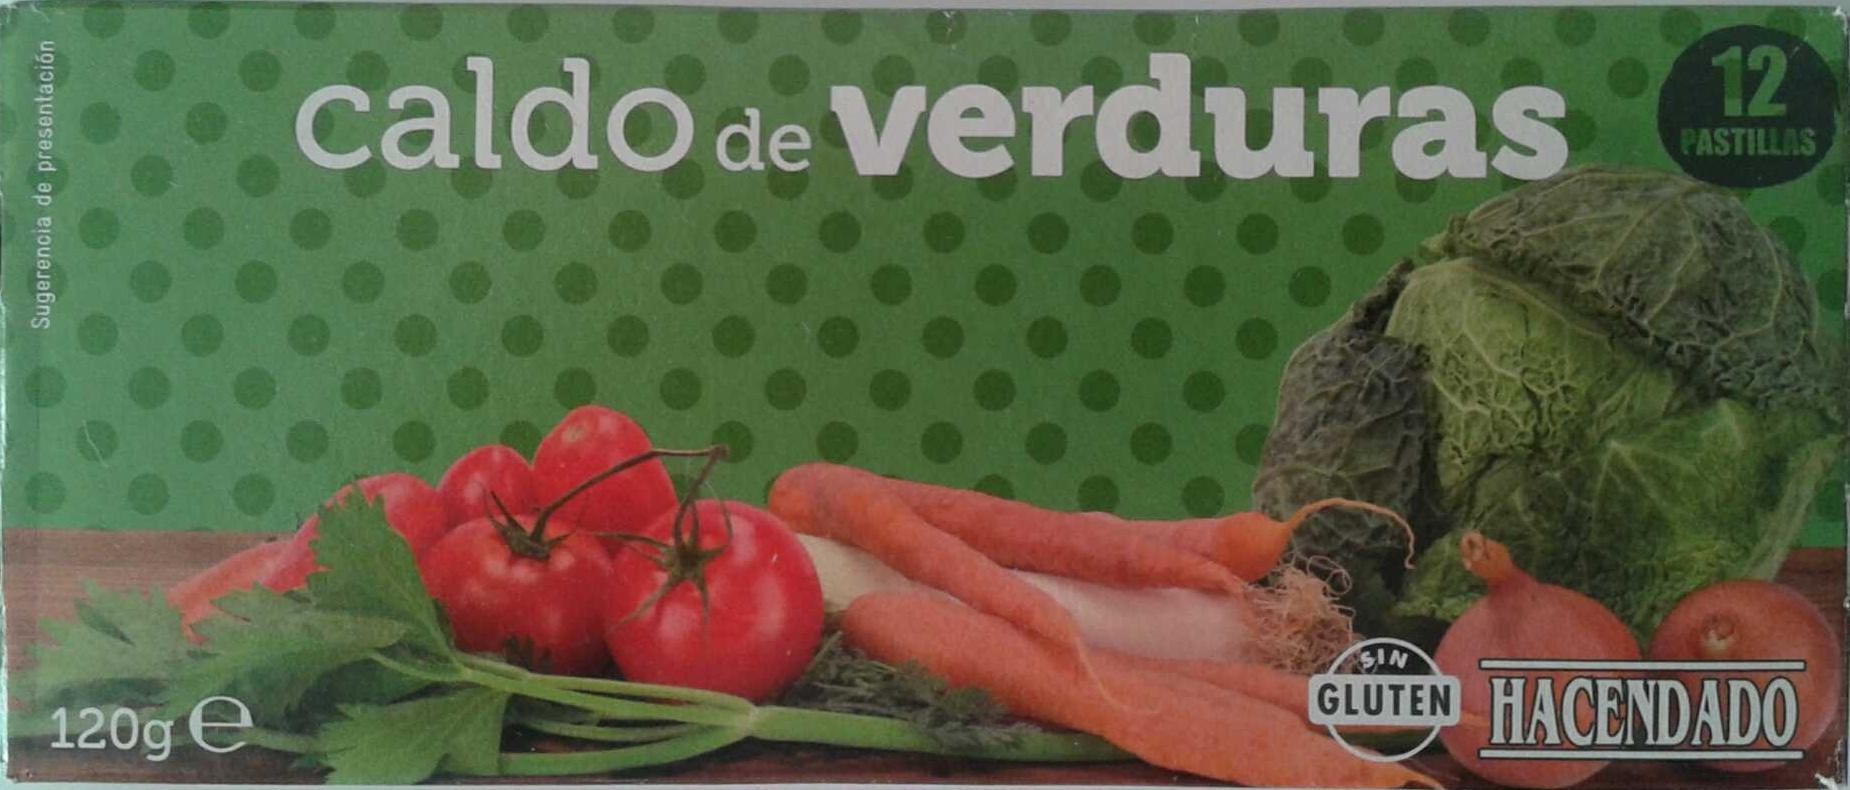 Caldo de verduras - Producto - es